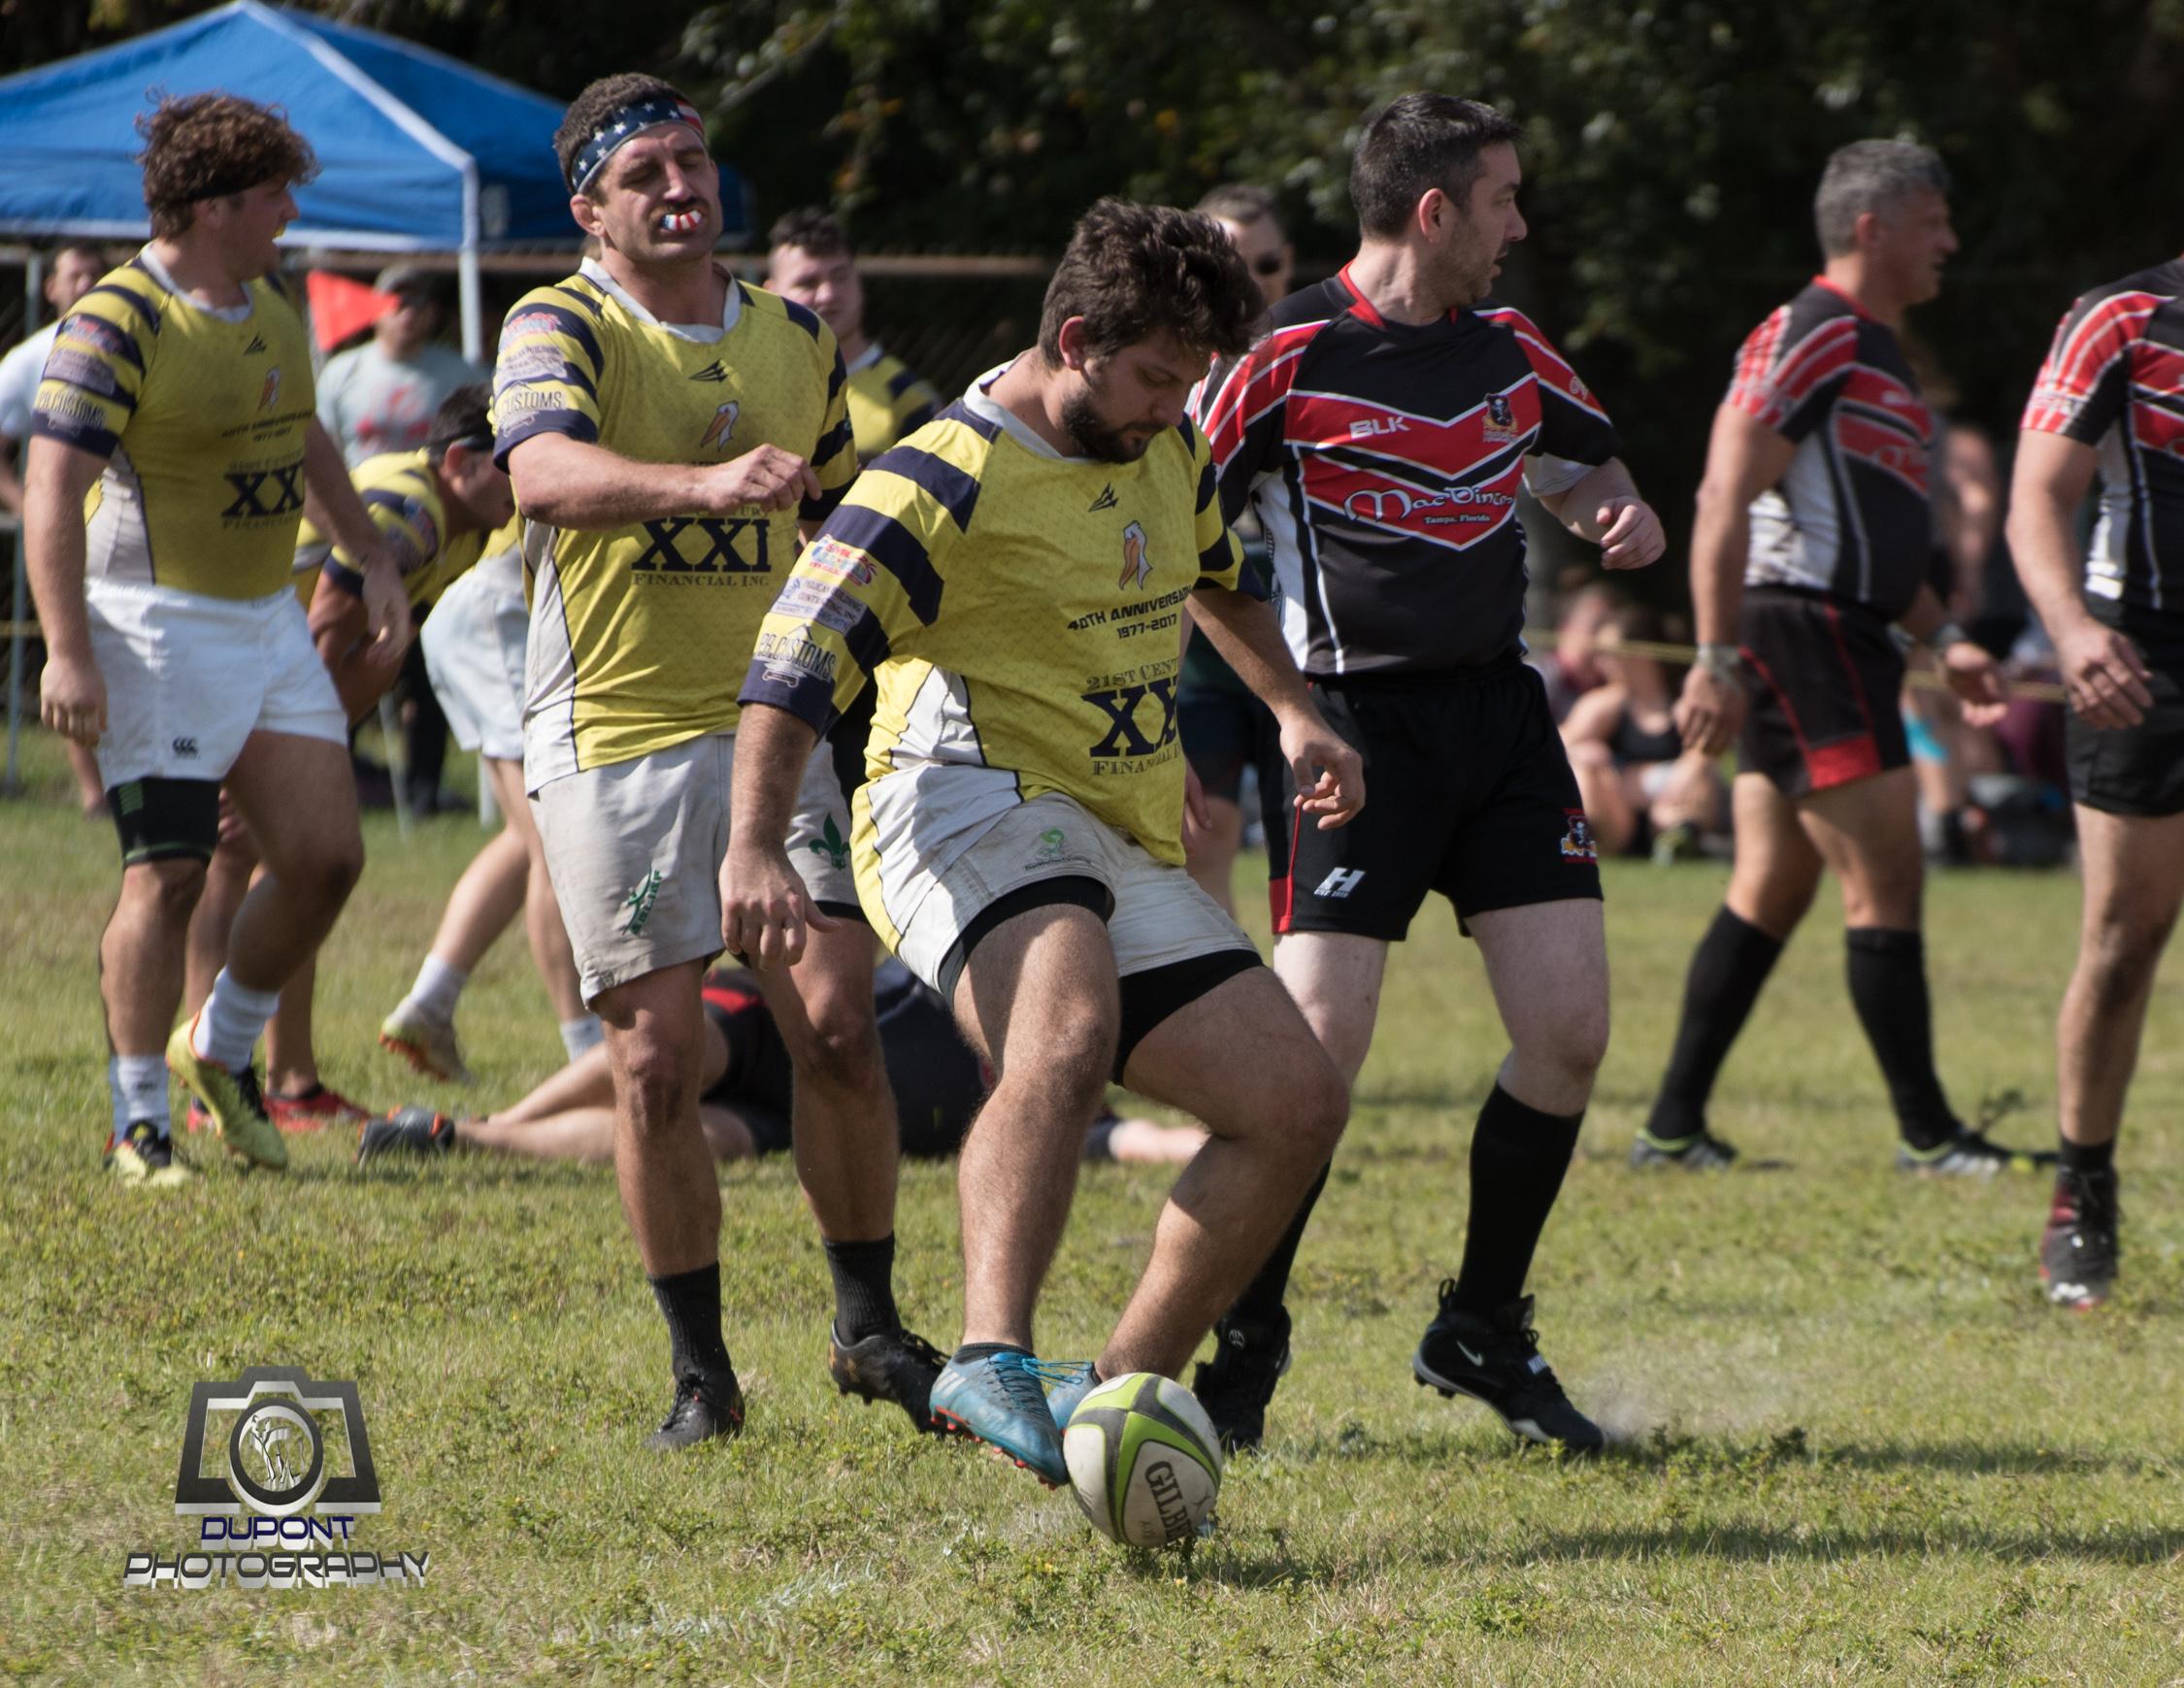 2019-01-19 Rugby-470-1.jpg